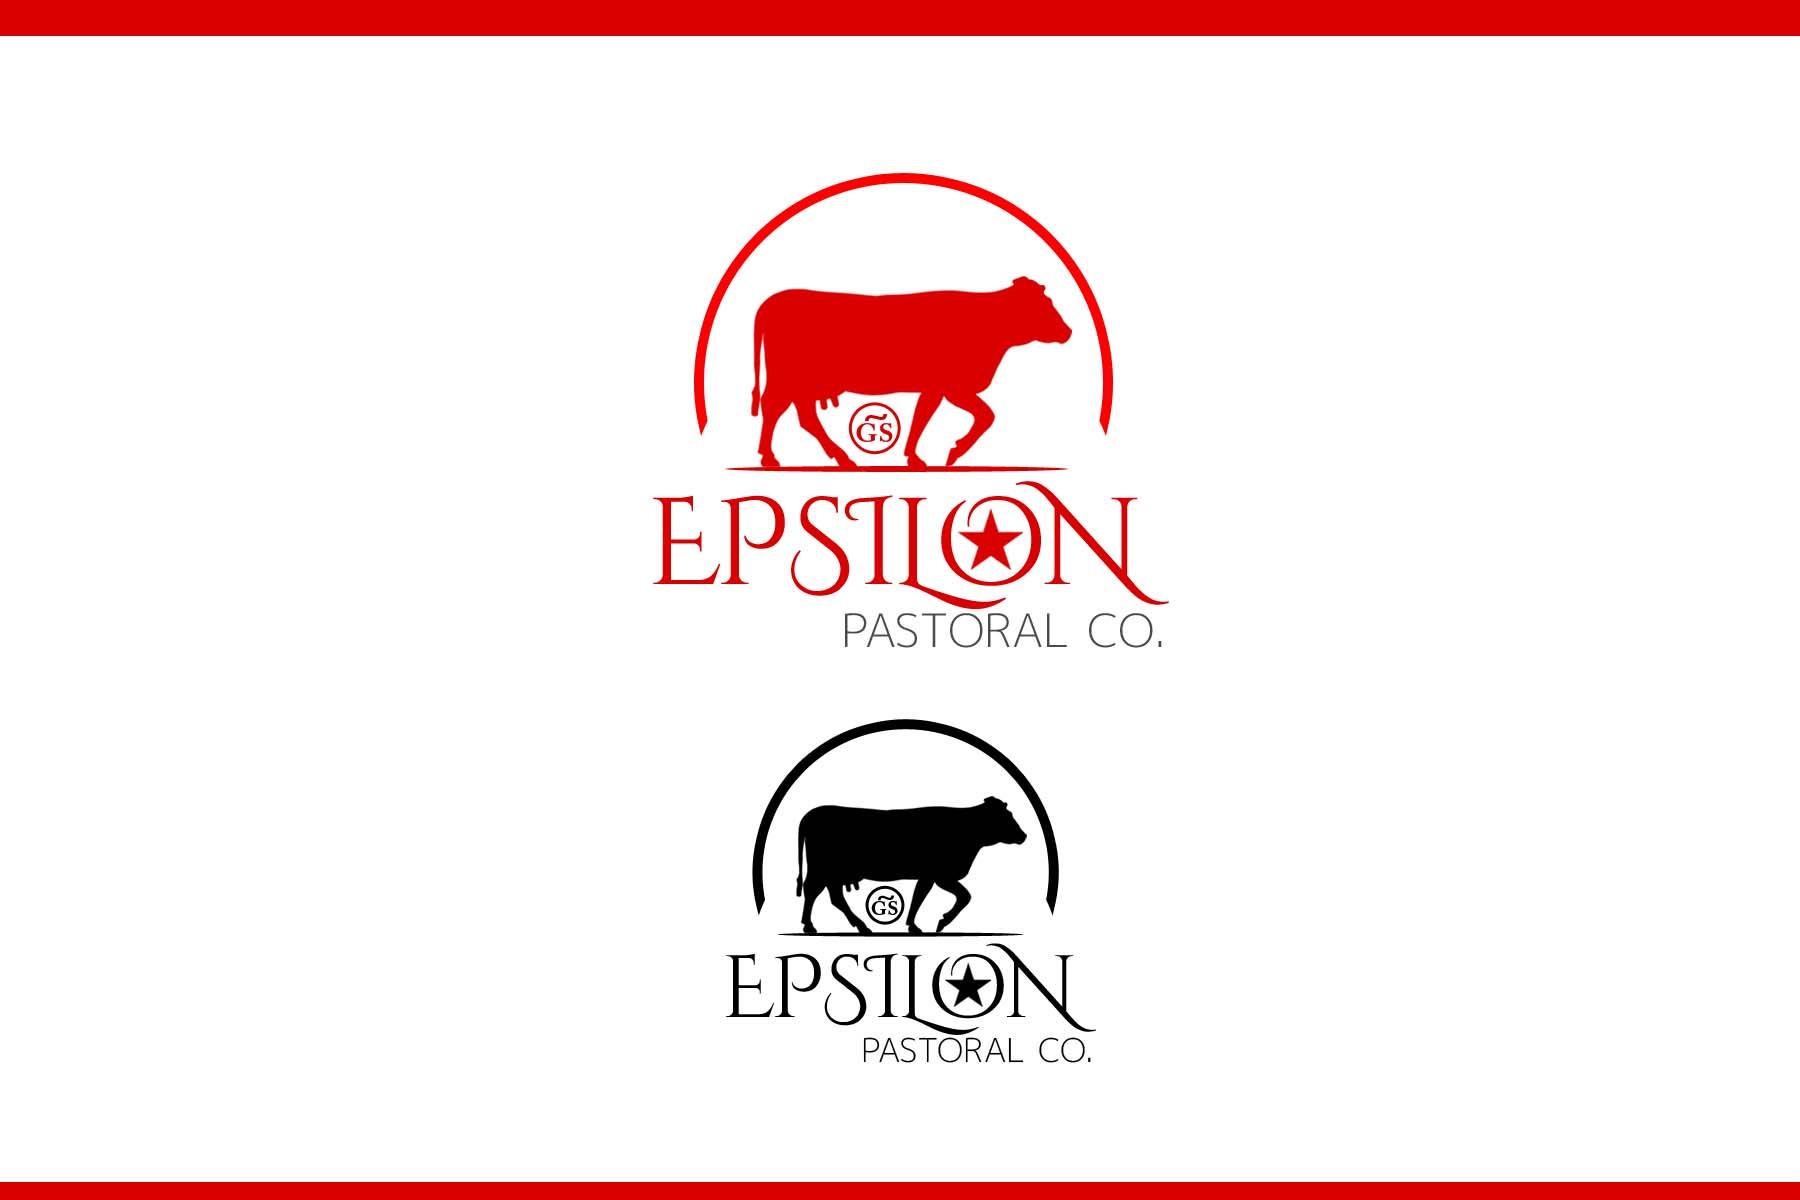 Logo Design by Private User - Entry No. 141 in the Logo Design Contest Imaginative Logo Design for EPSILON PASTORAL CO.